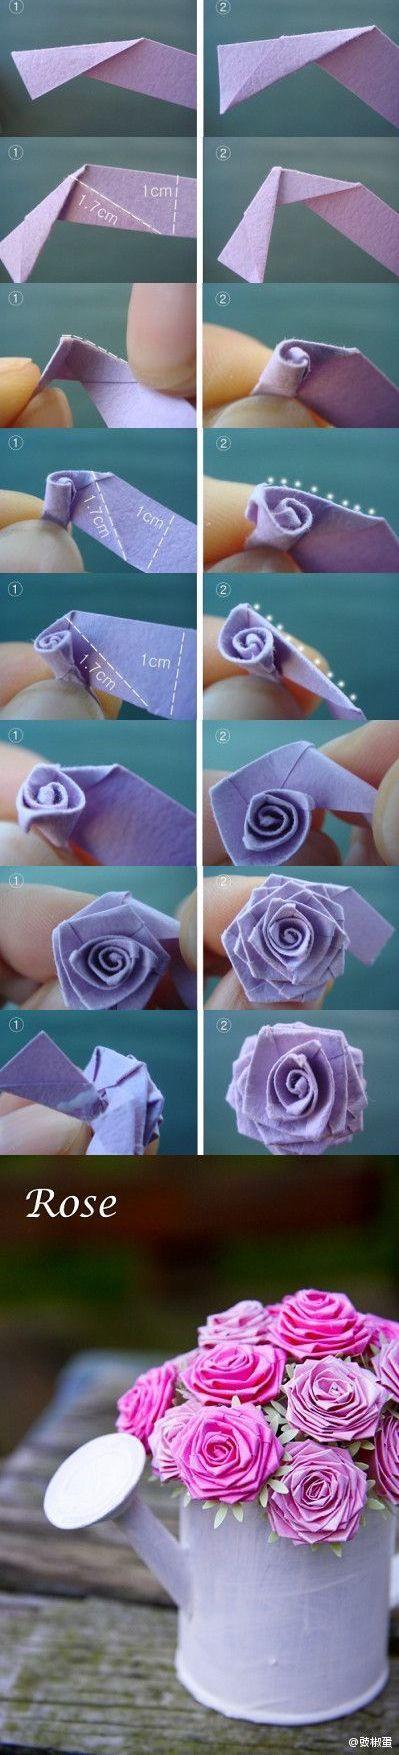 flores-de-papel.jpg (399×1755)